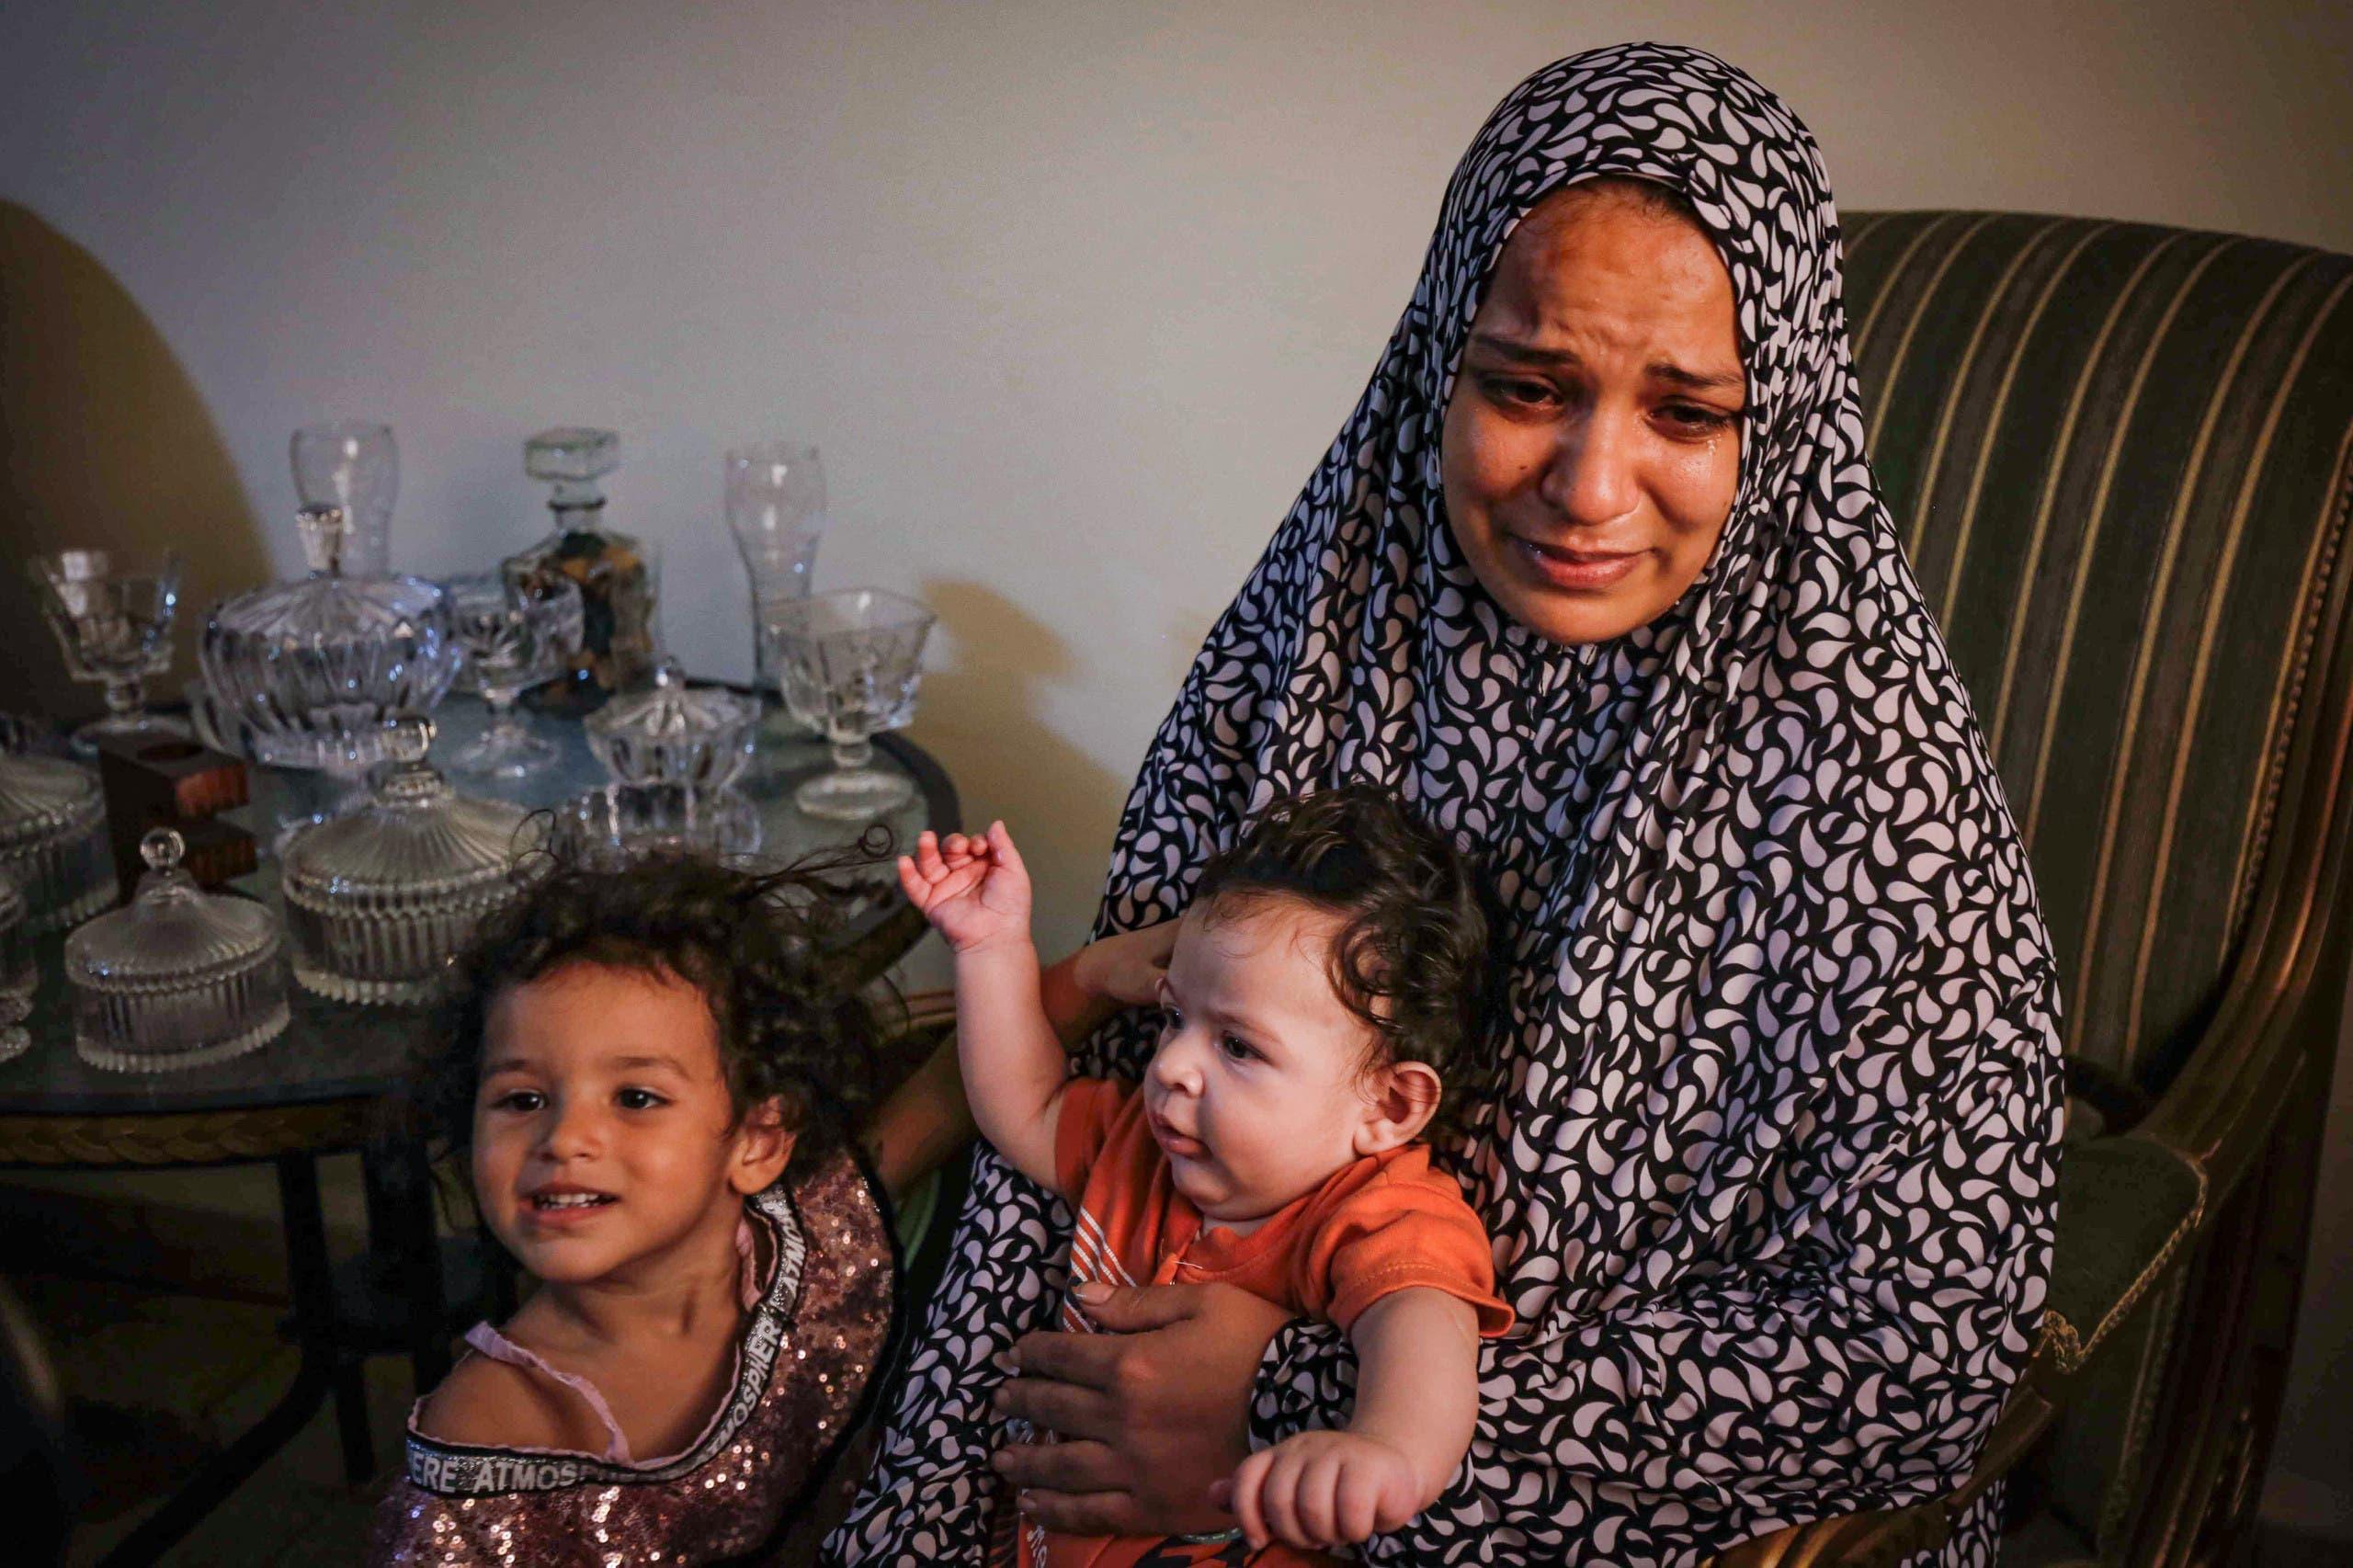 زوجة أحد السوريين المفقودين في قوارب الموت(أرشيفية- فرانس برس)